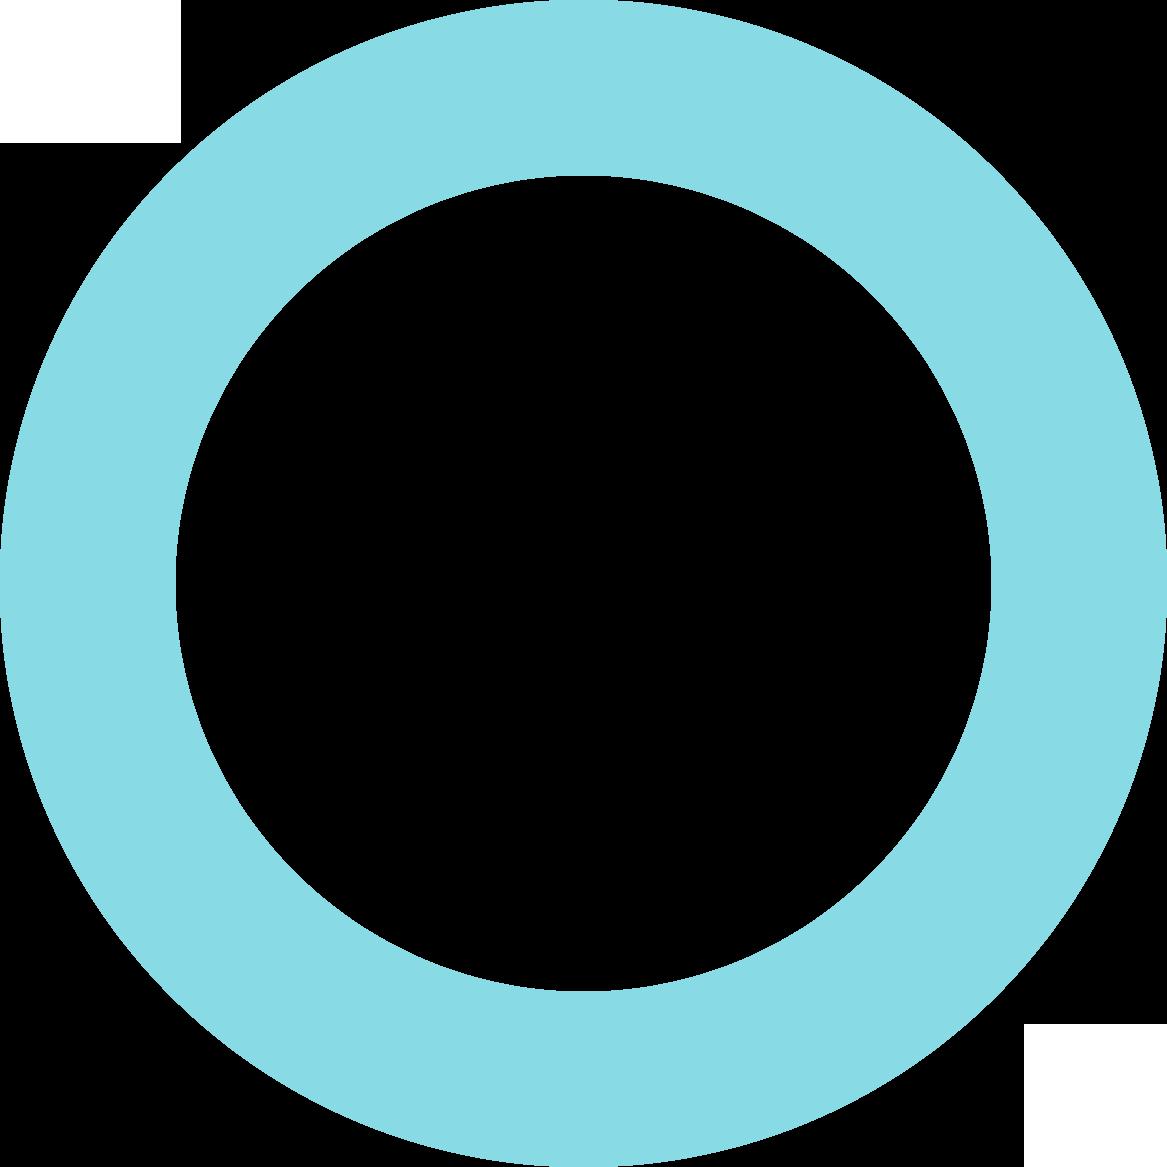 bg_circle_blue